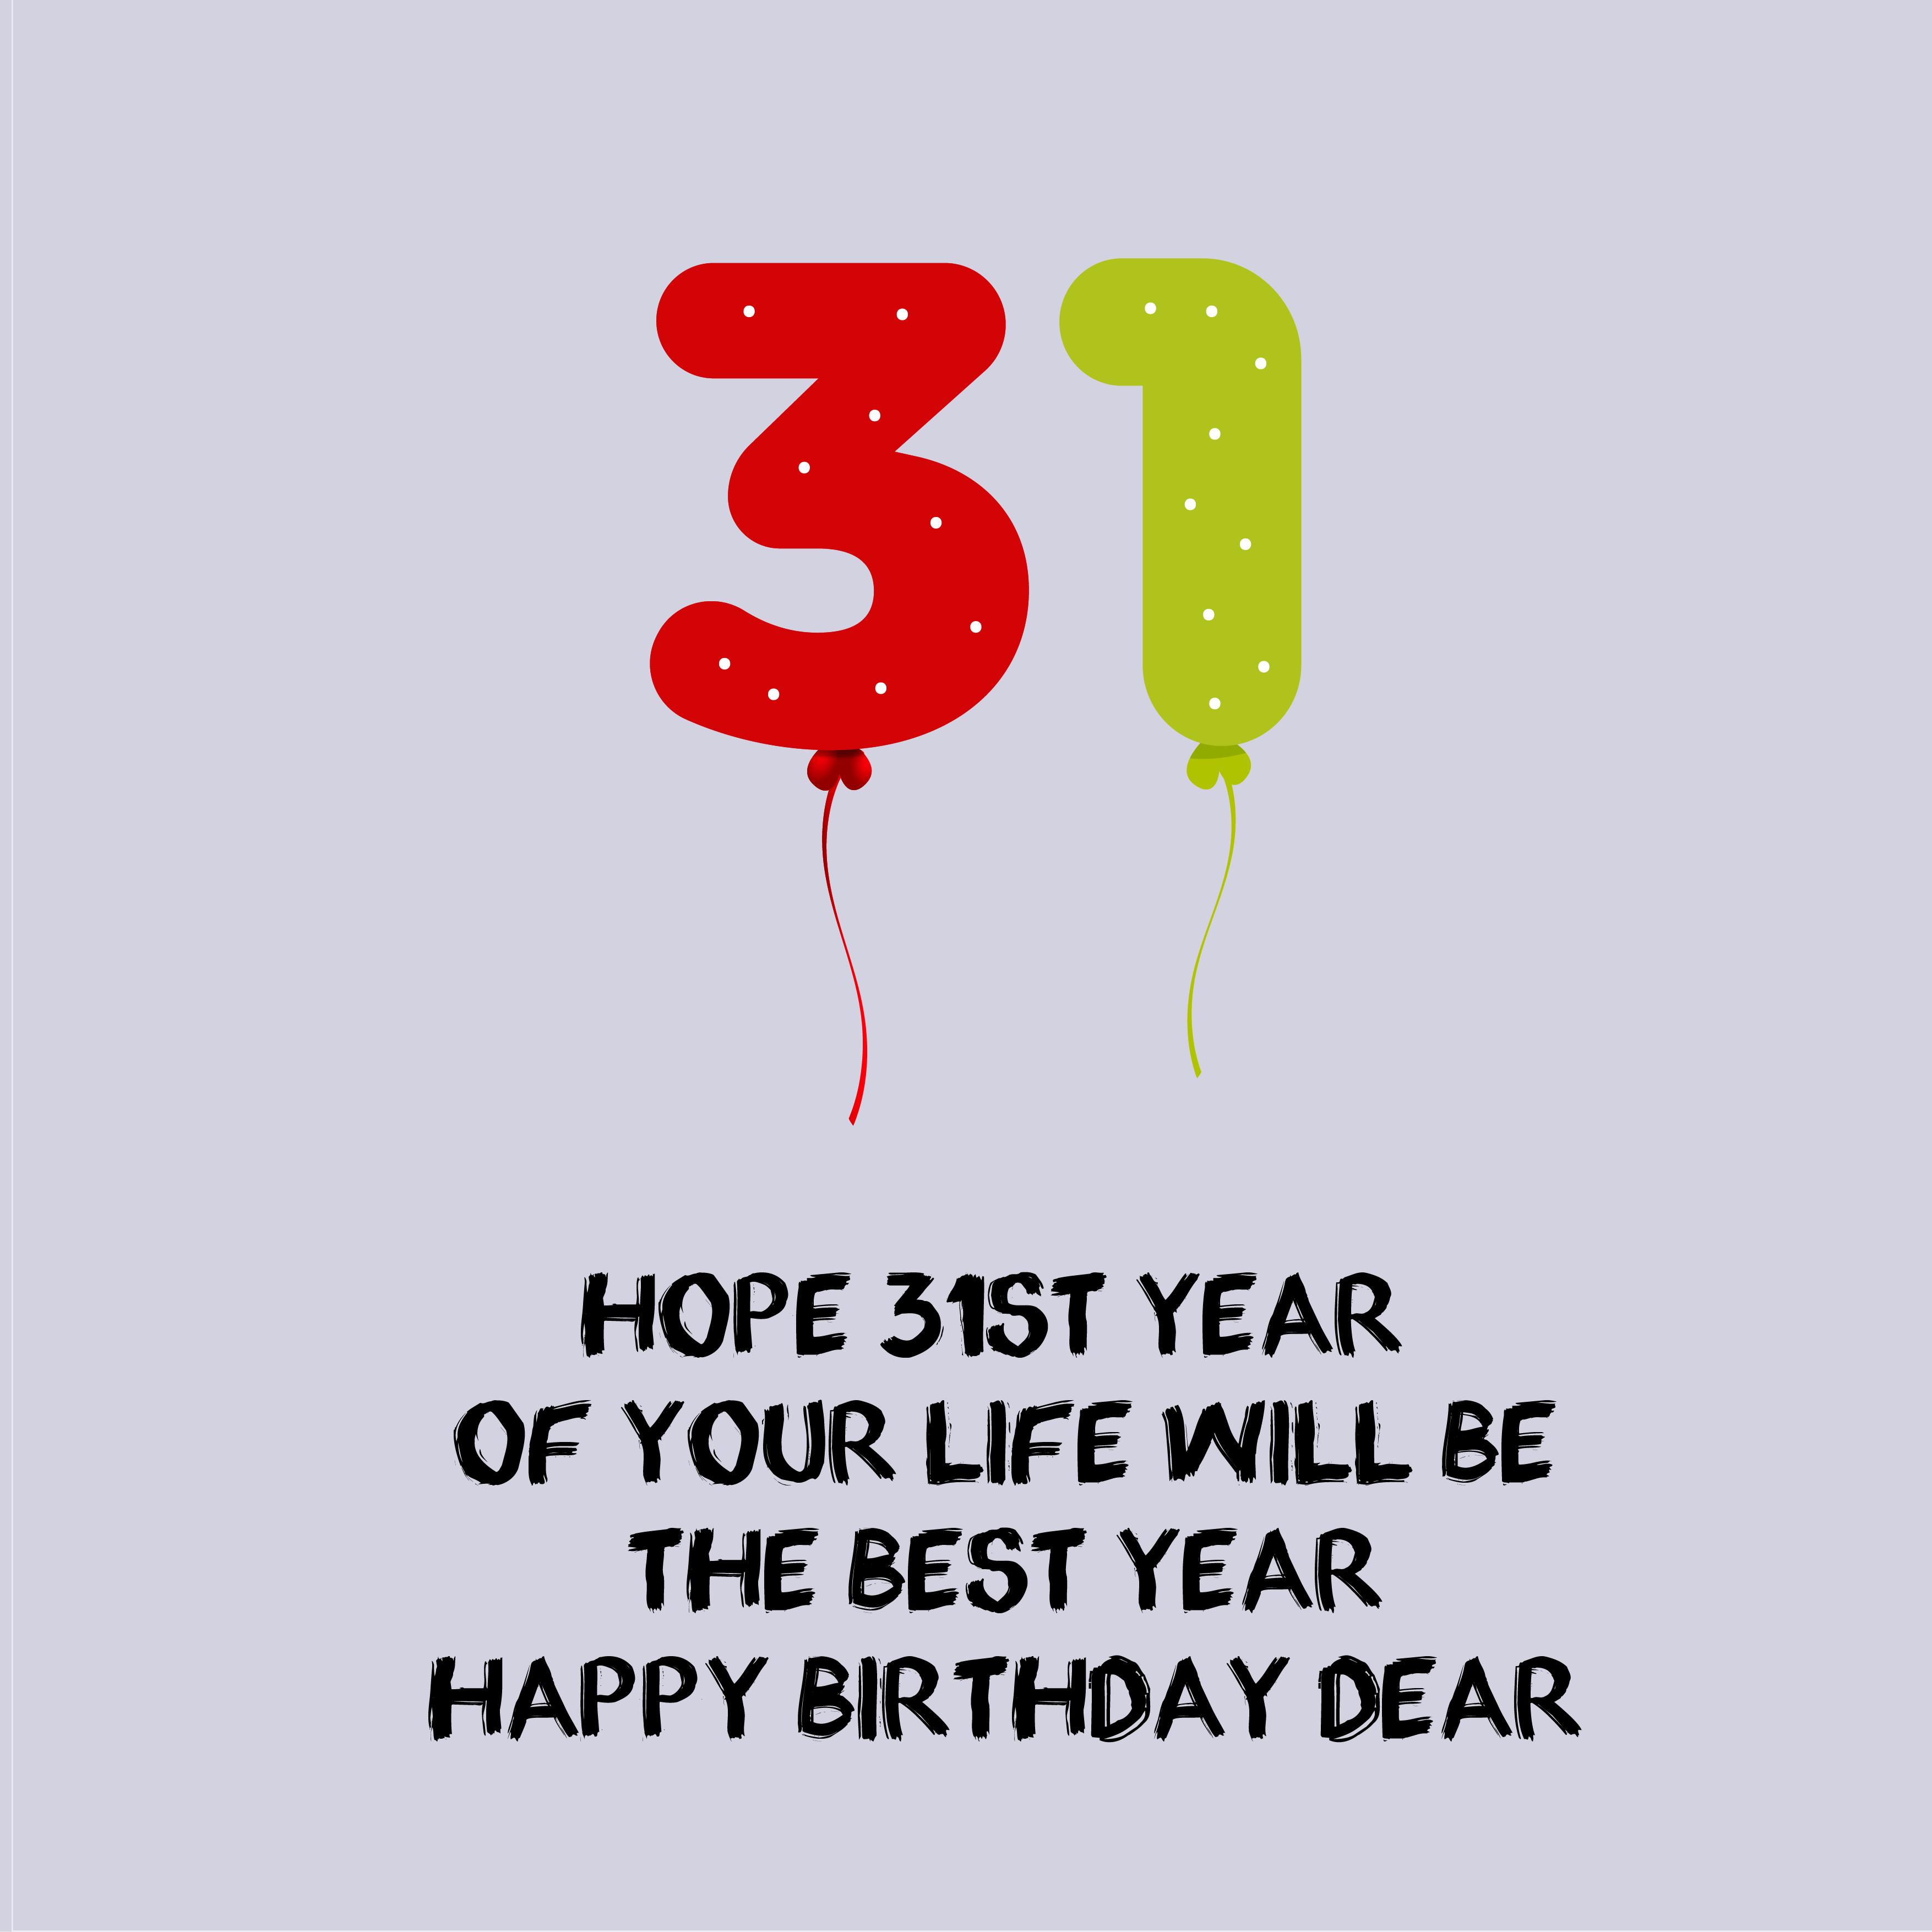 happy-31st-birthday-wishes-02